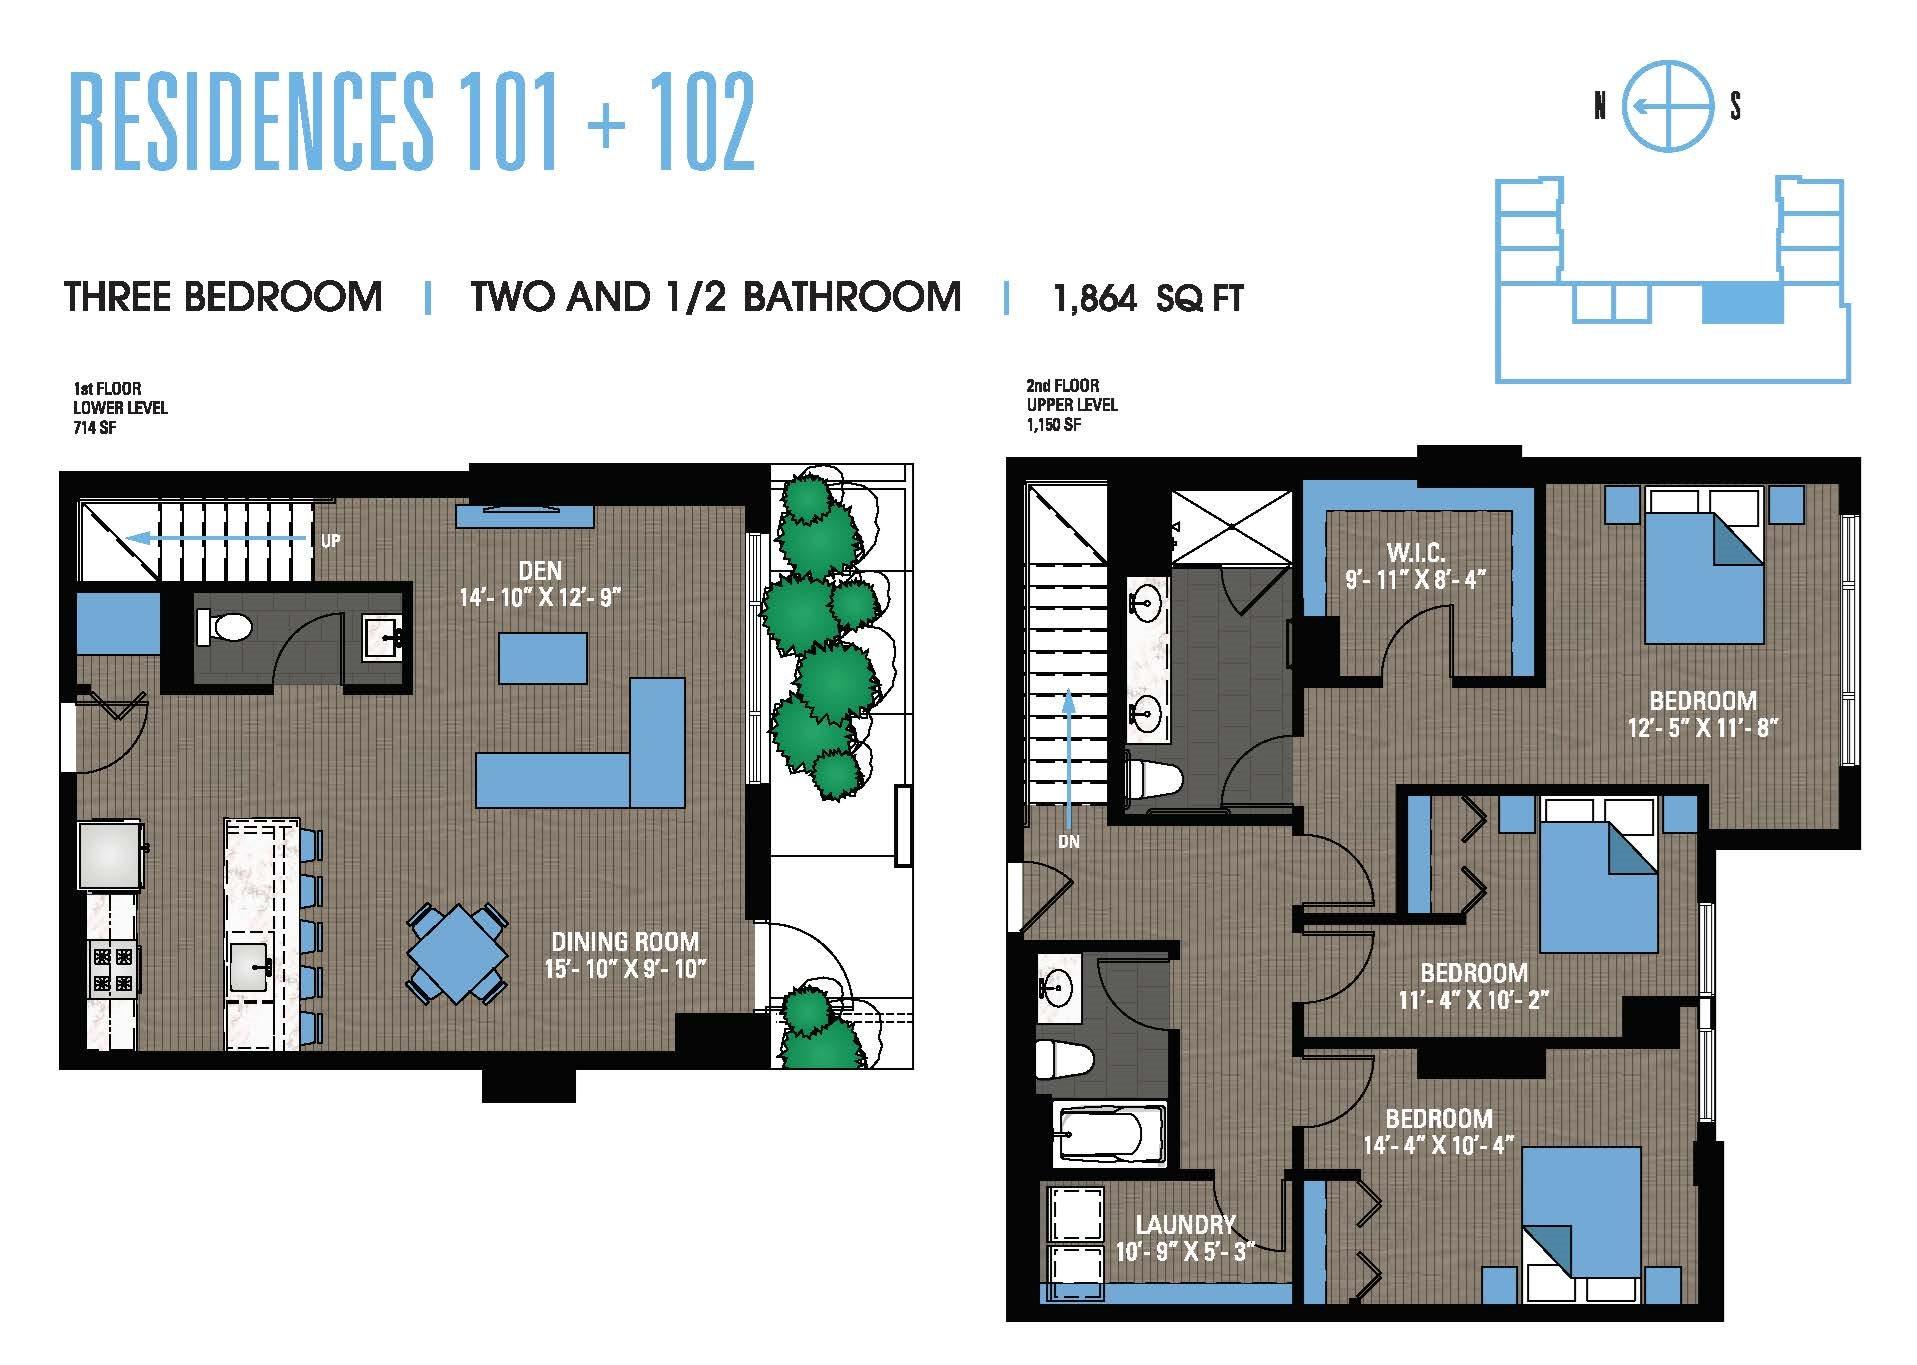 Three Bedroom 101+102 Floor Plan 14